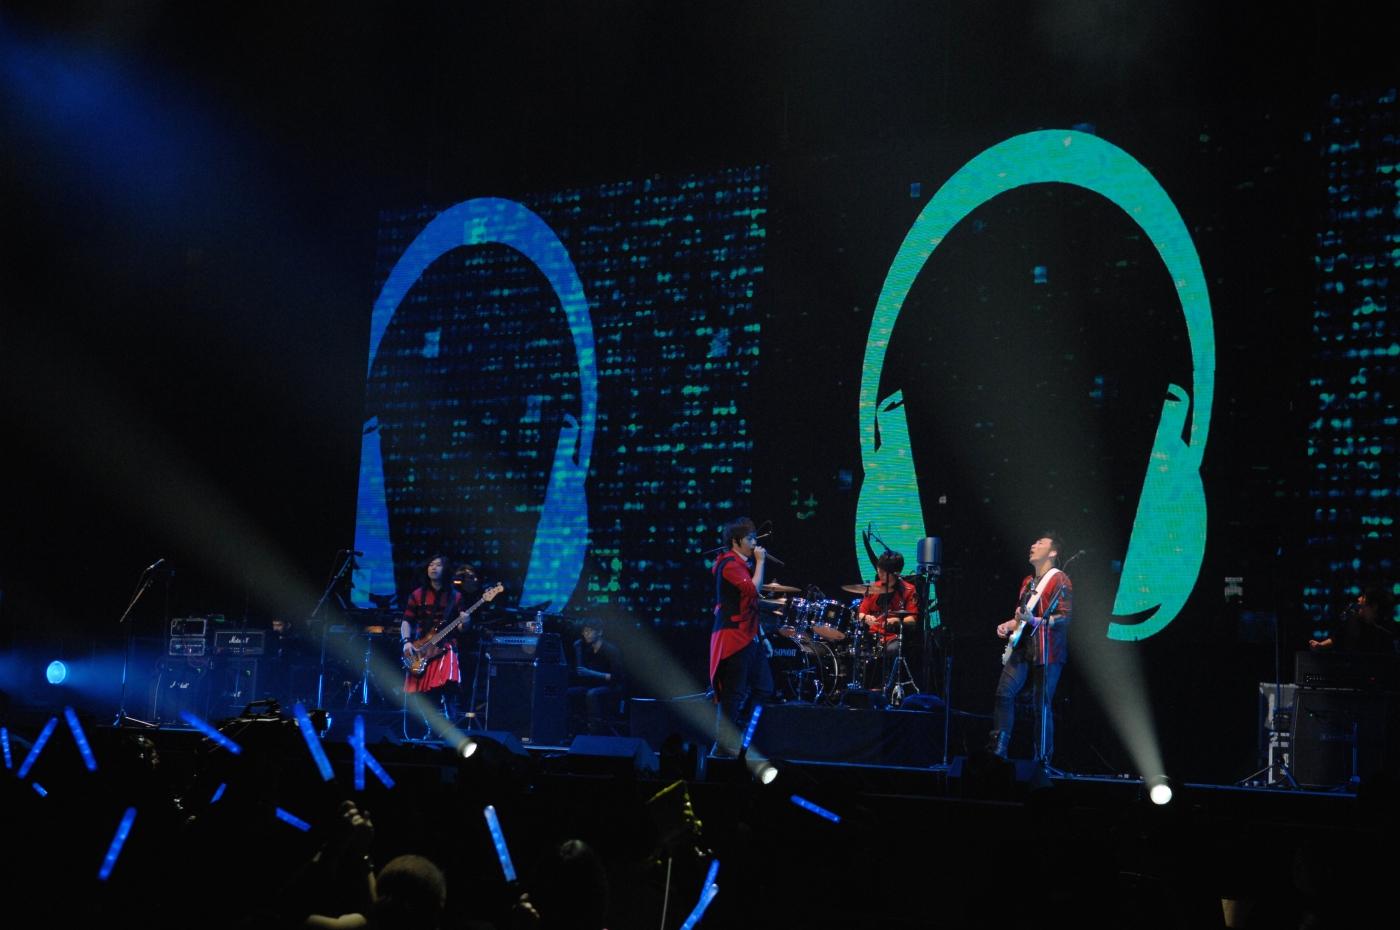 圖博-五月天今晚創造歷史, 引爆麥迪遜花園廣場Madison Square Garden-一萬多歌迷共同 ..._图1-11